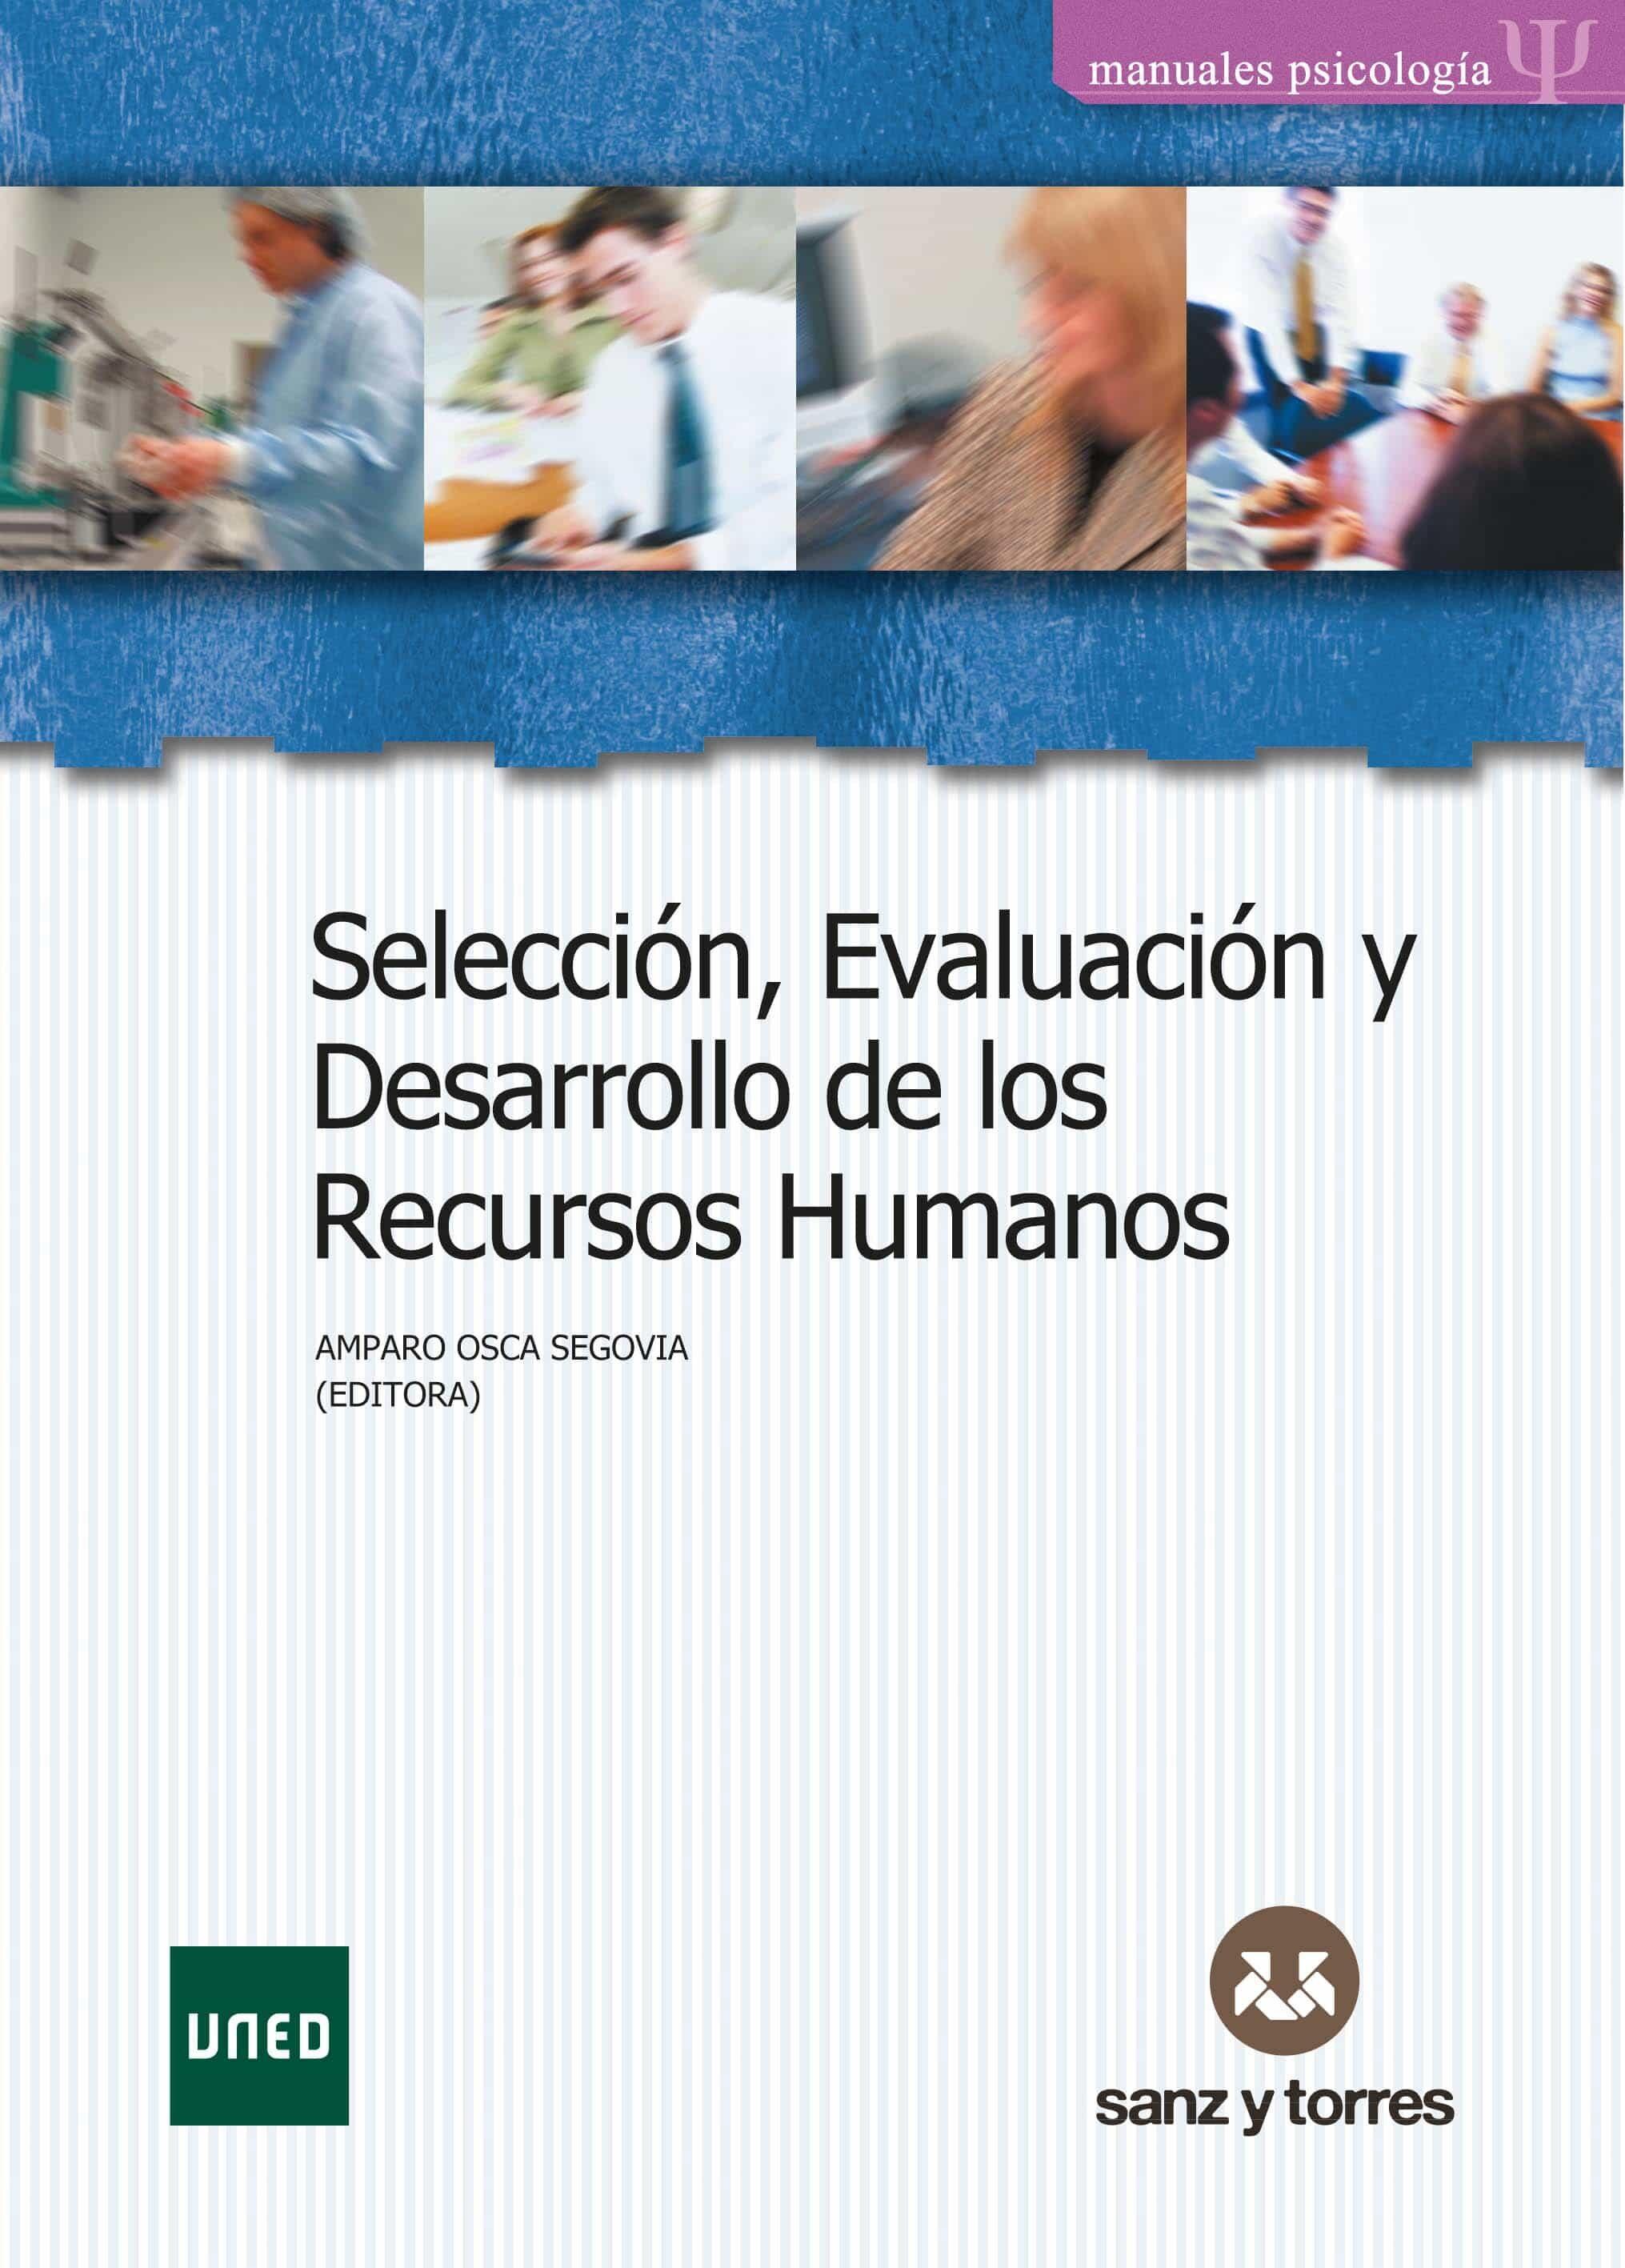 seleccion evaluacion y desarrollo de los recursos humanos-amparo osca segovia-9788496094789